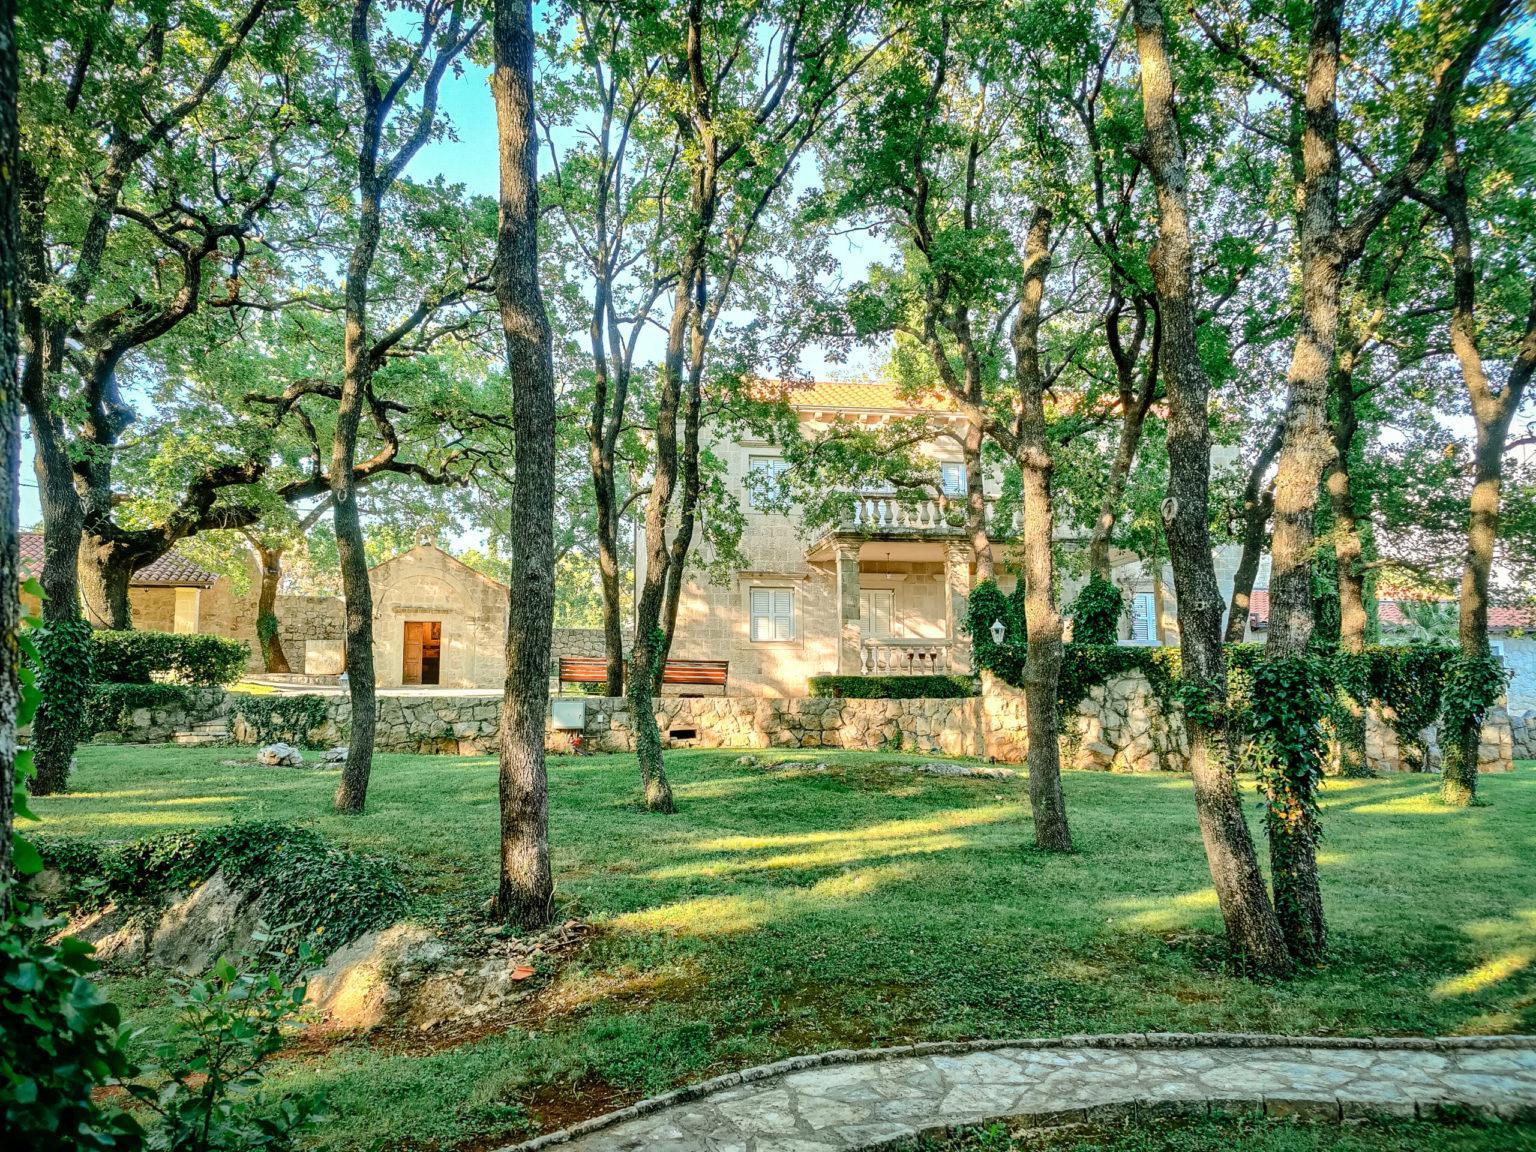 hochzeitslocation Kroatien location heiraten hochzeit 1 scaled - Gartenvilla